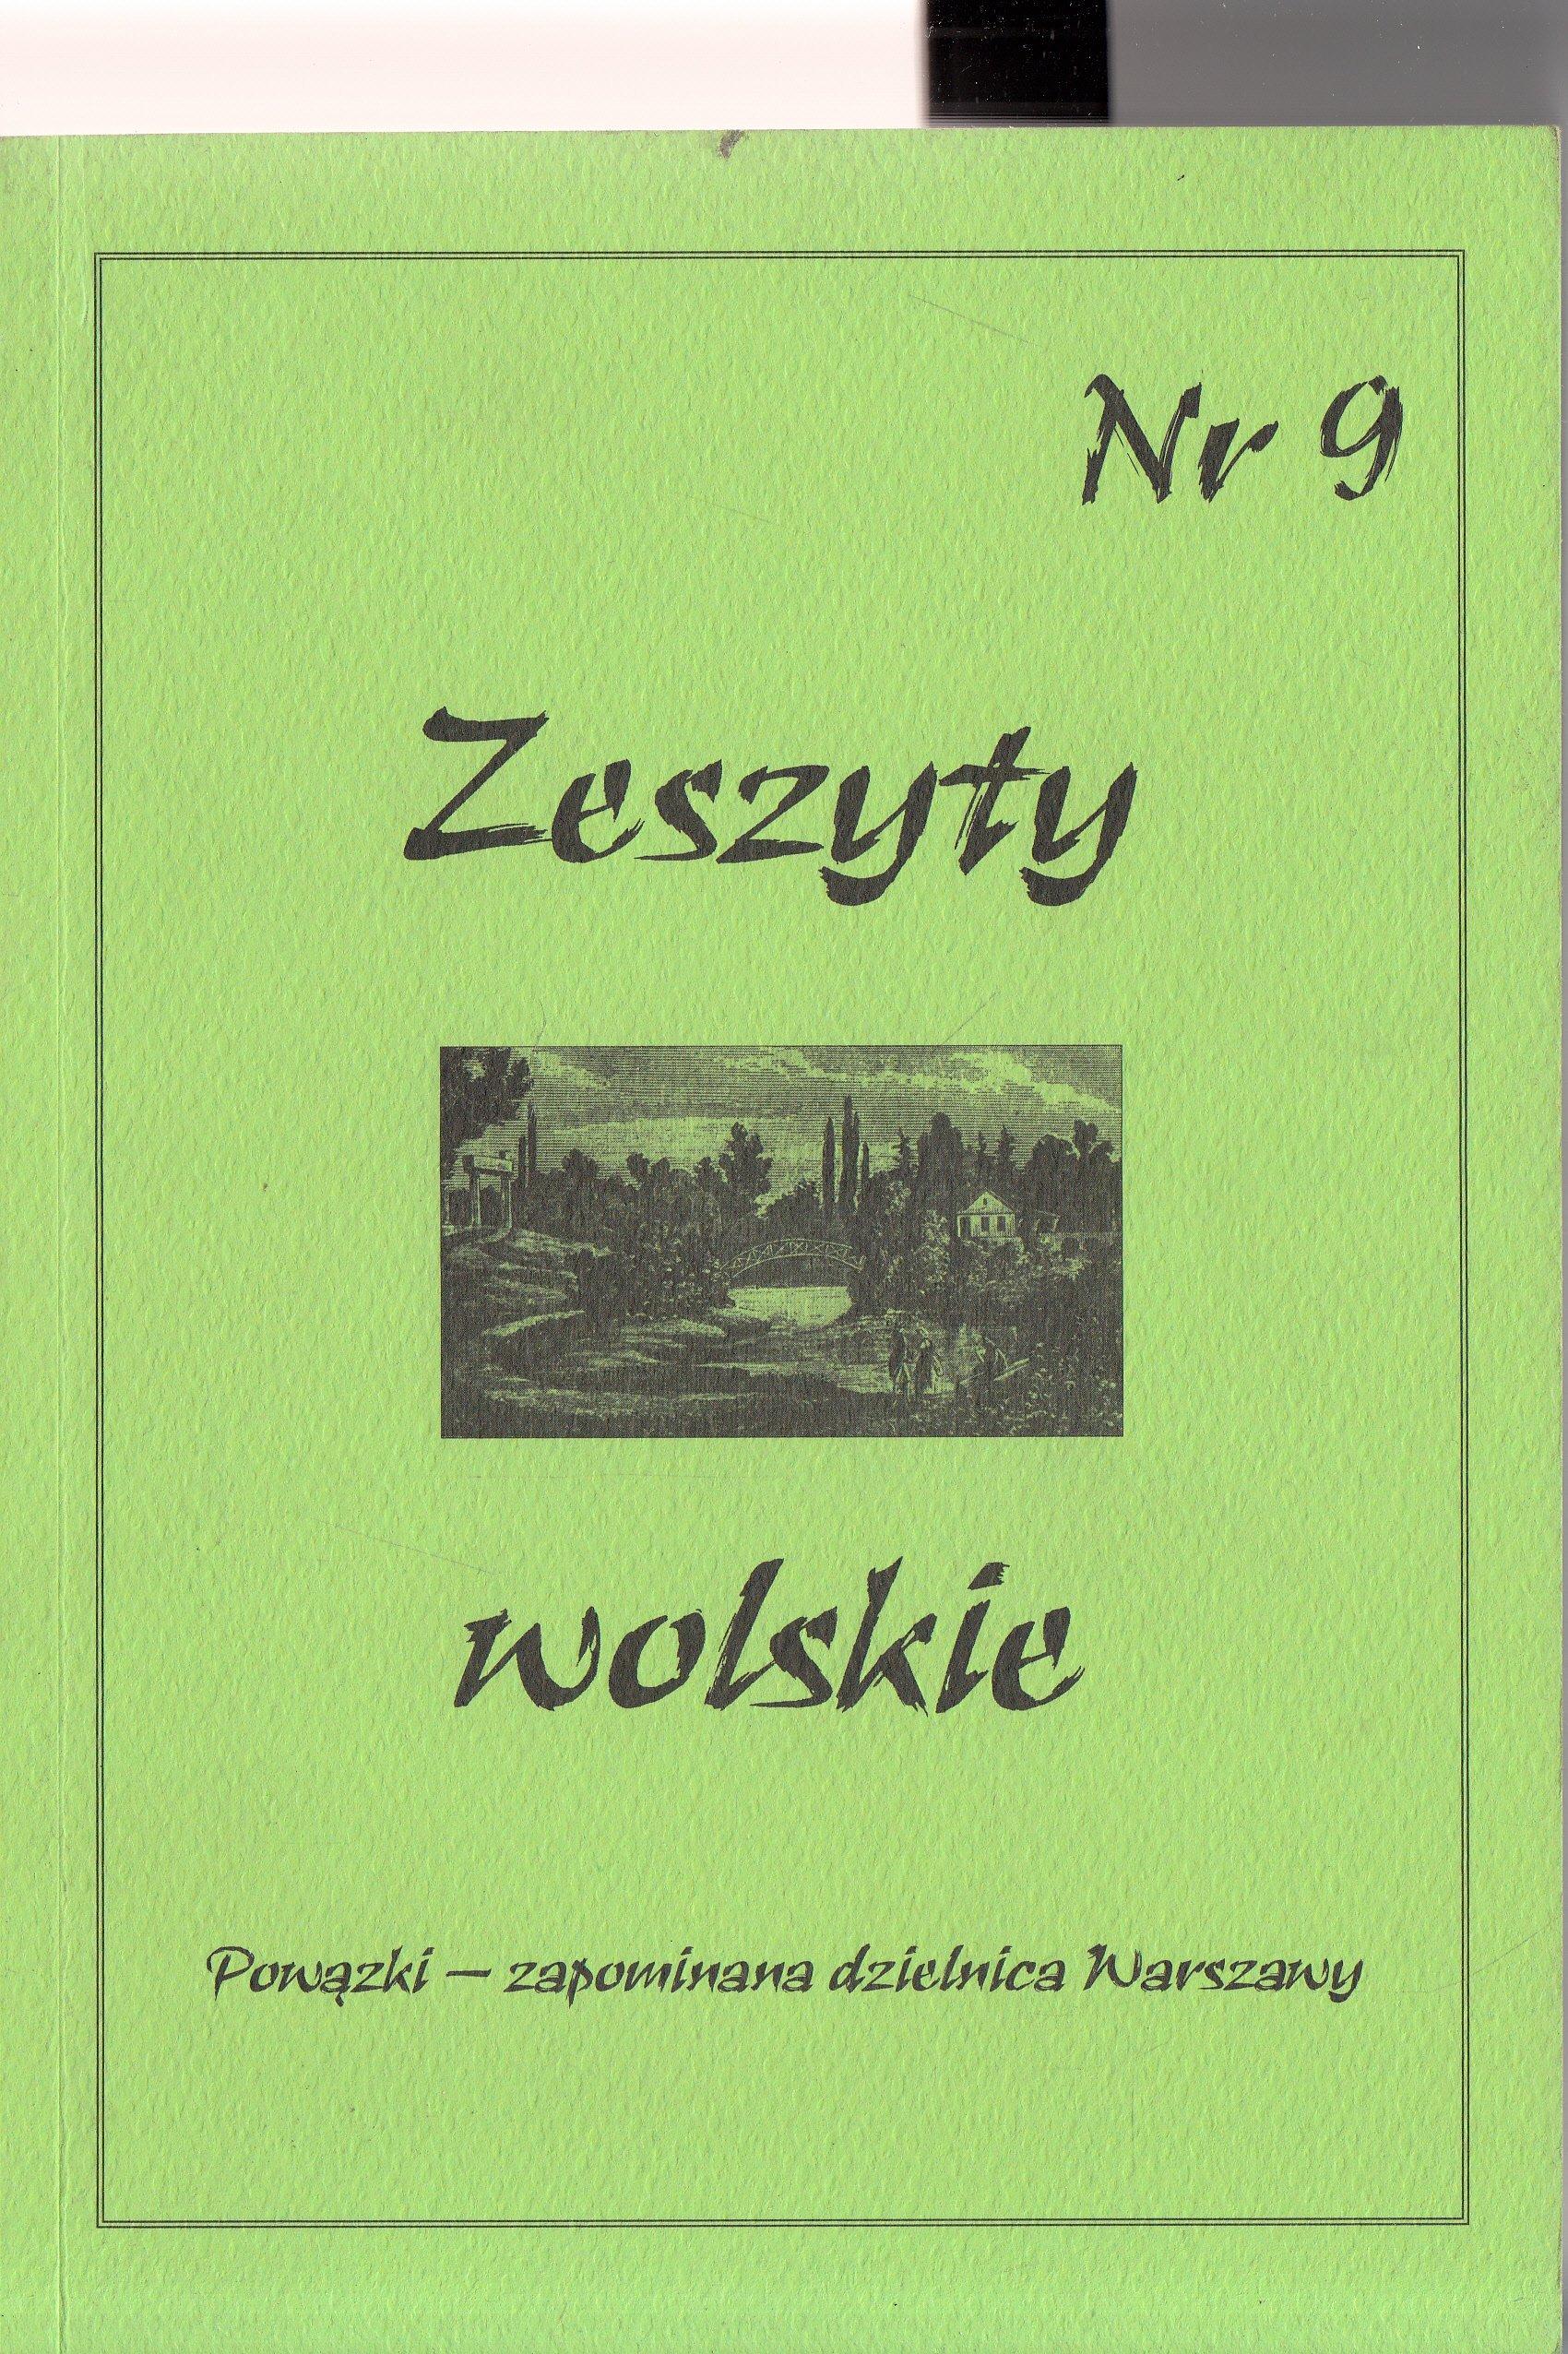 Zeszyty wolskie Nr 9 Powązki - zapomniana dzielnica Warszawy (opr.zbiorowe)